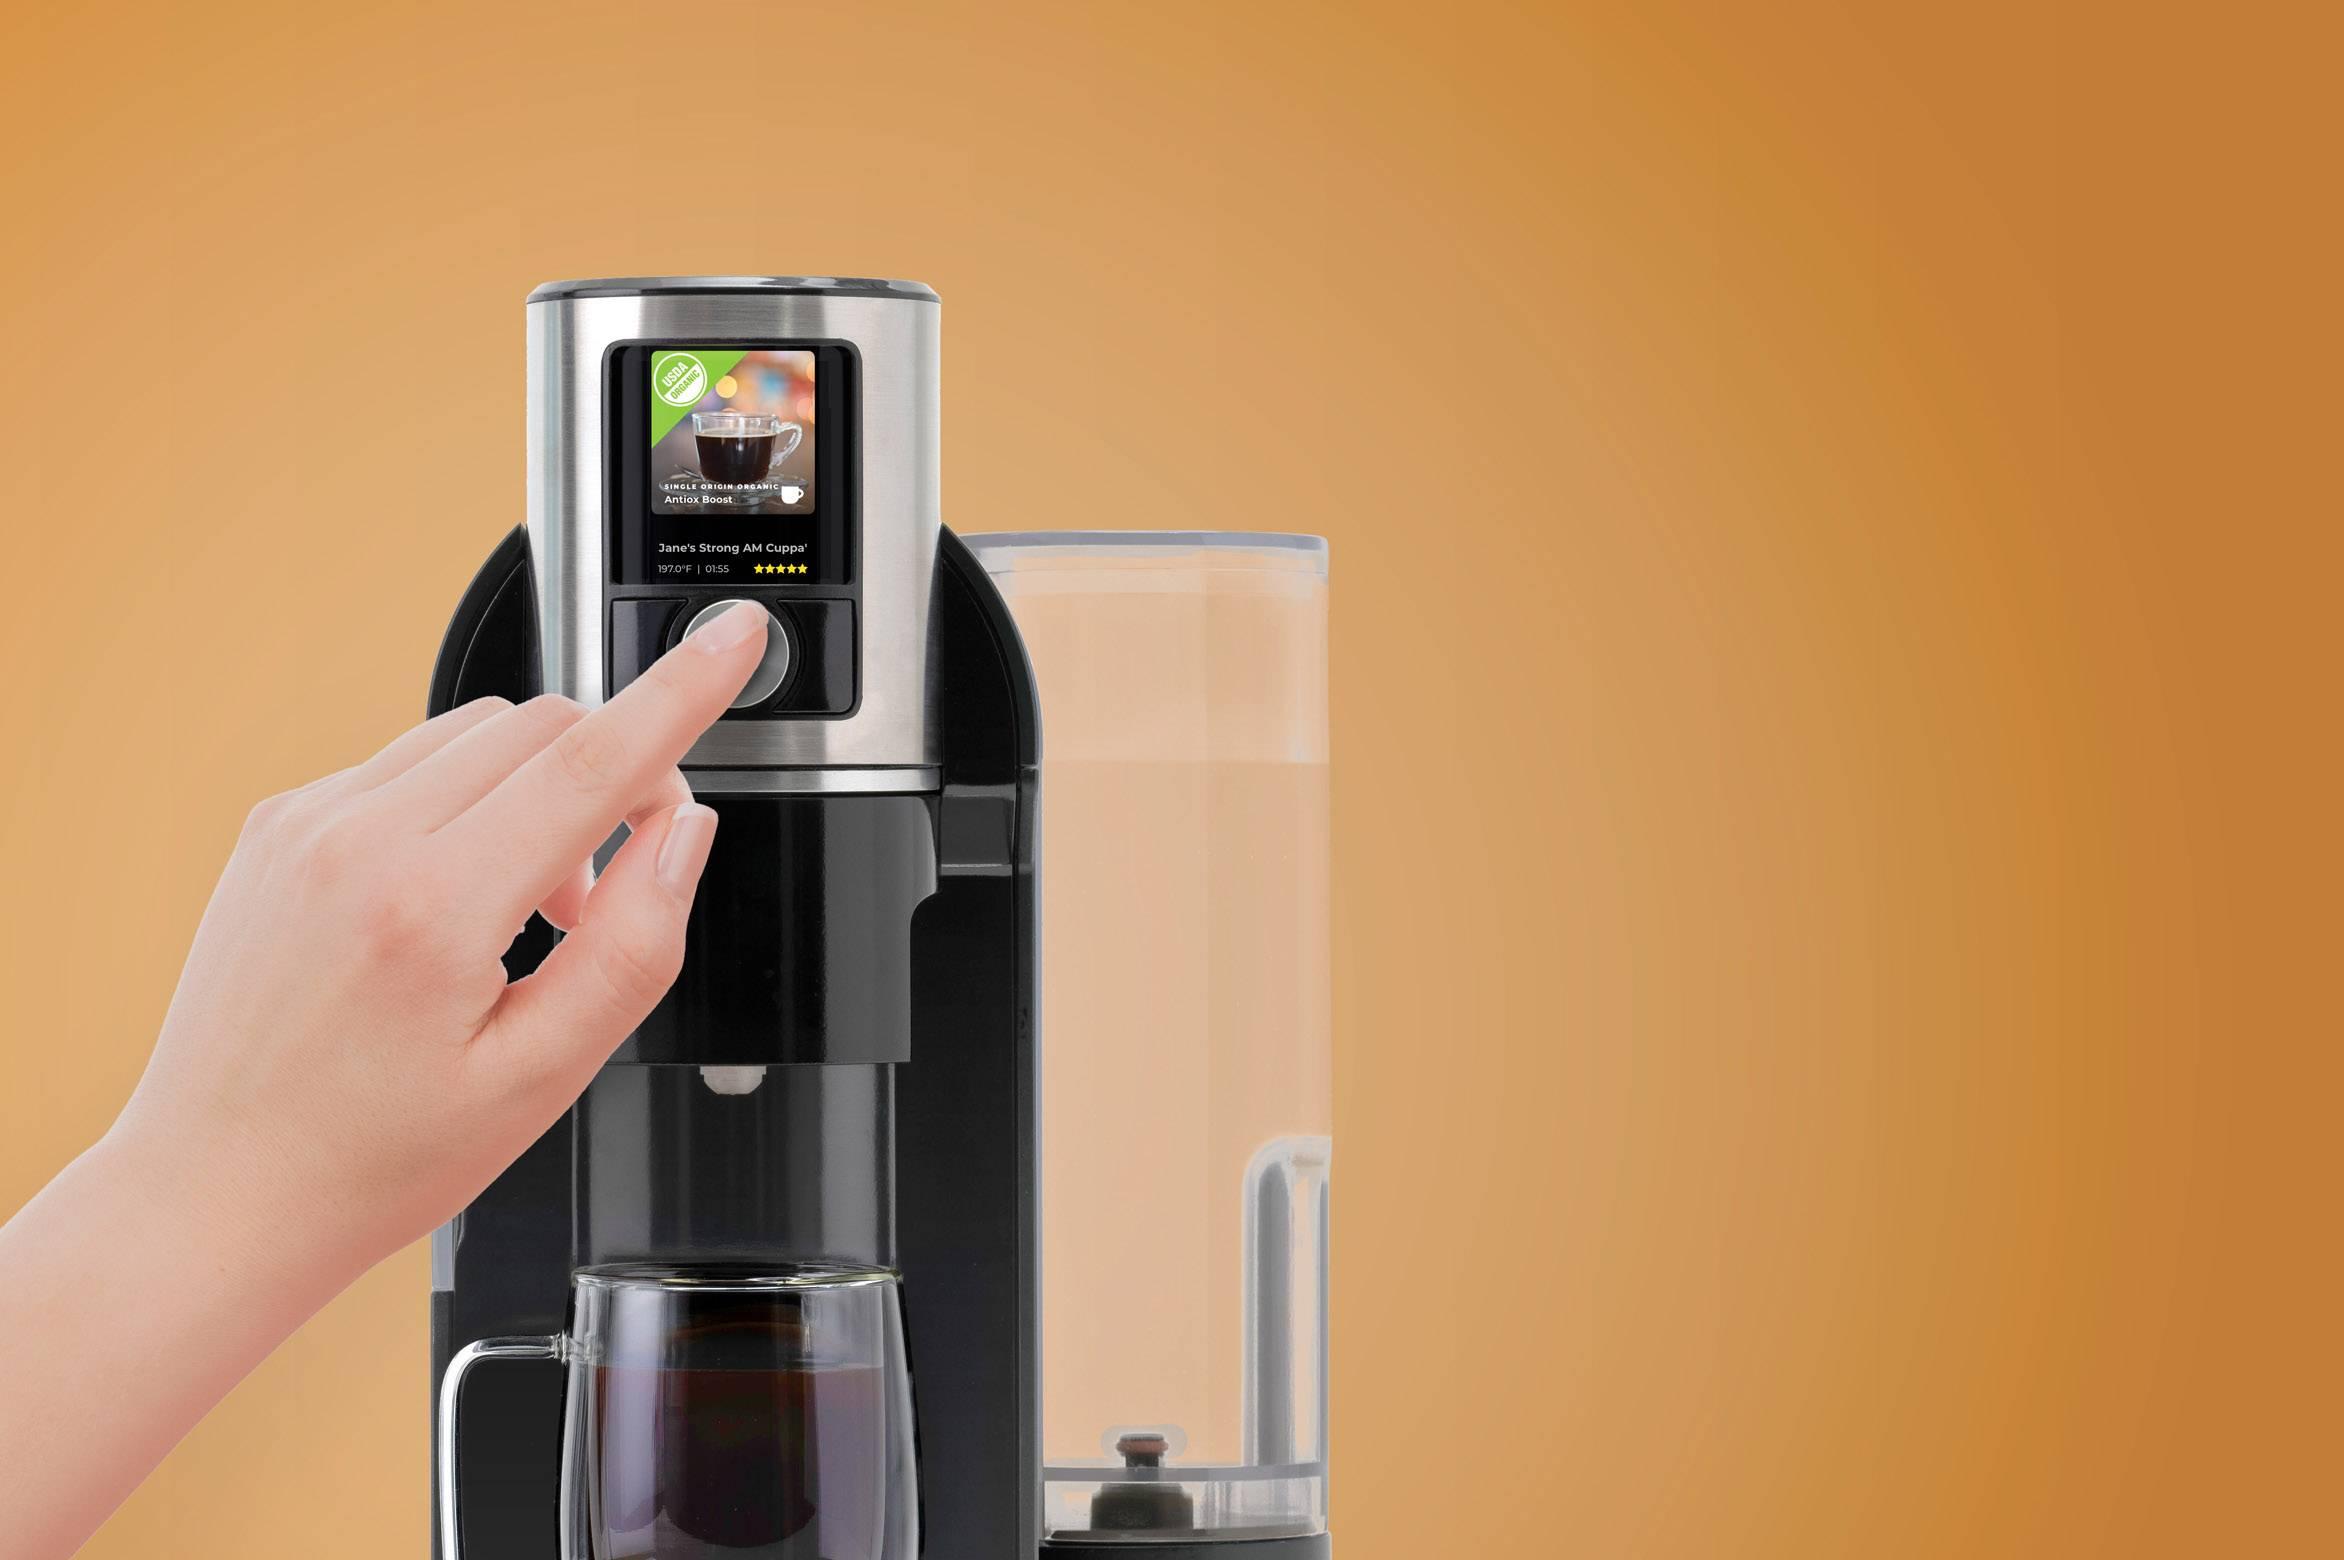 PicoBrew推出世界首款多功能台面饮料机,能制作咖啡、啤酒等多种饮品